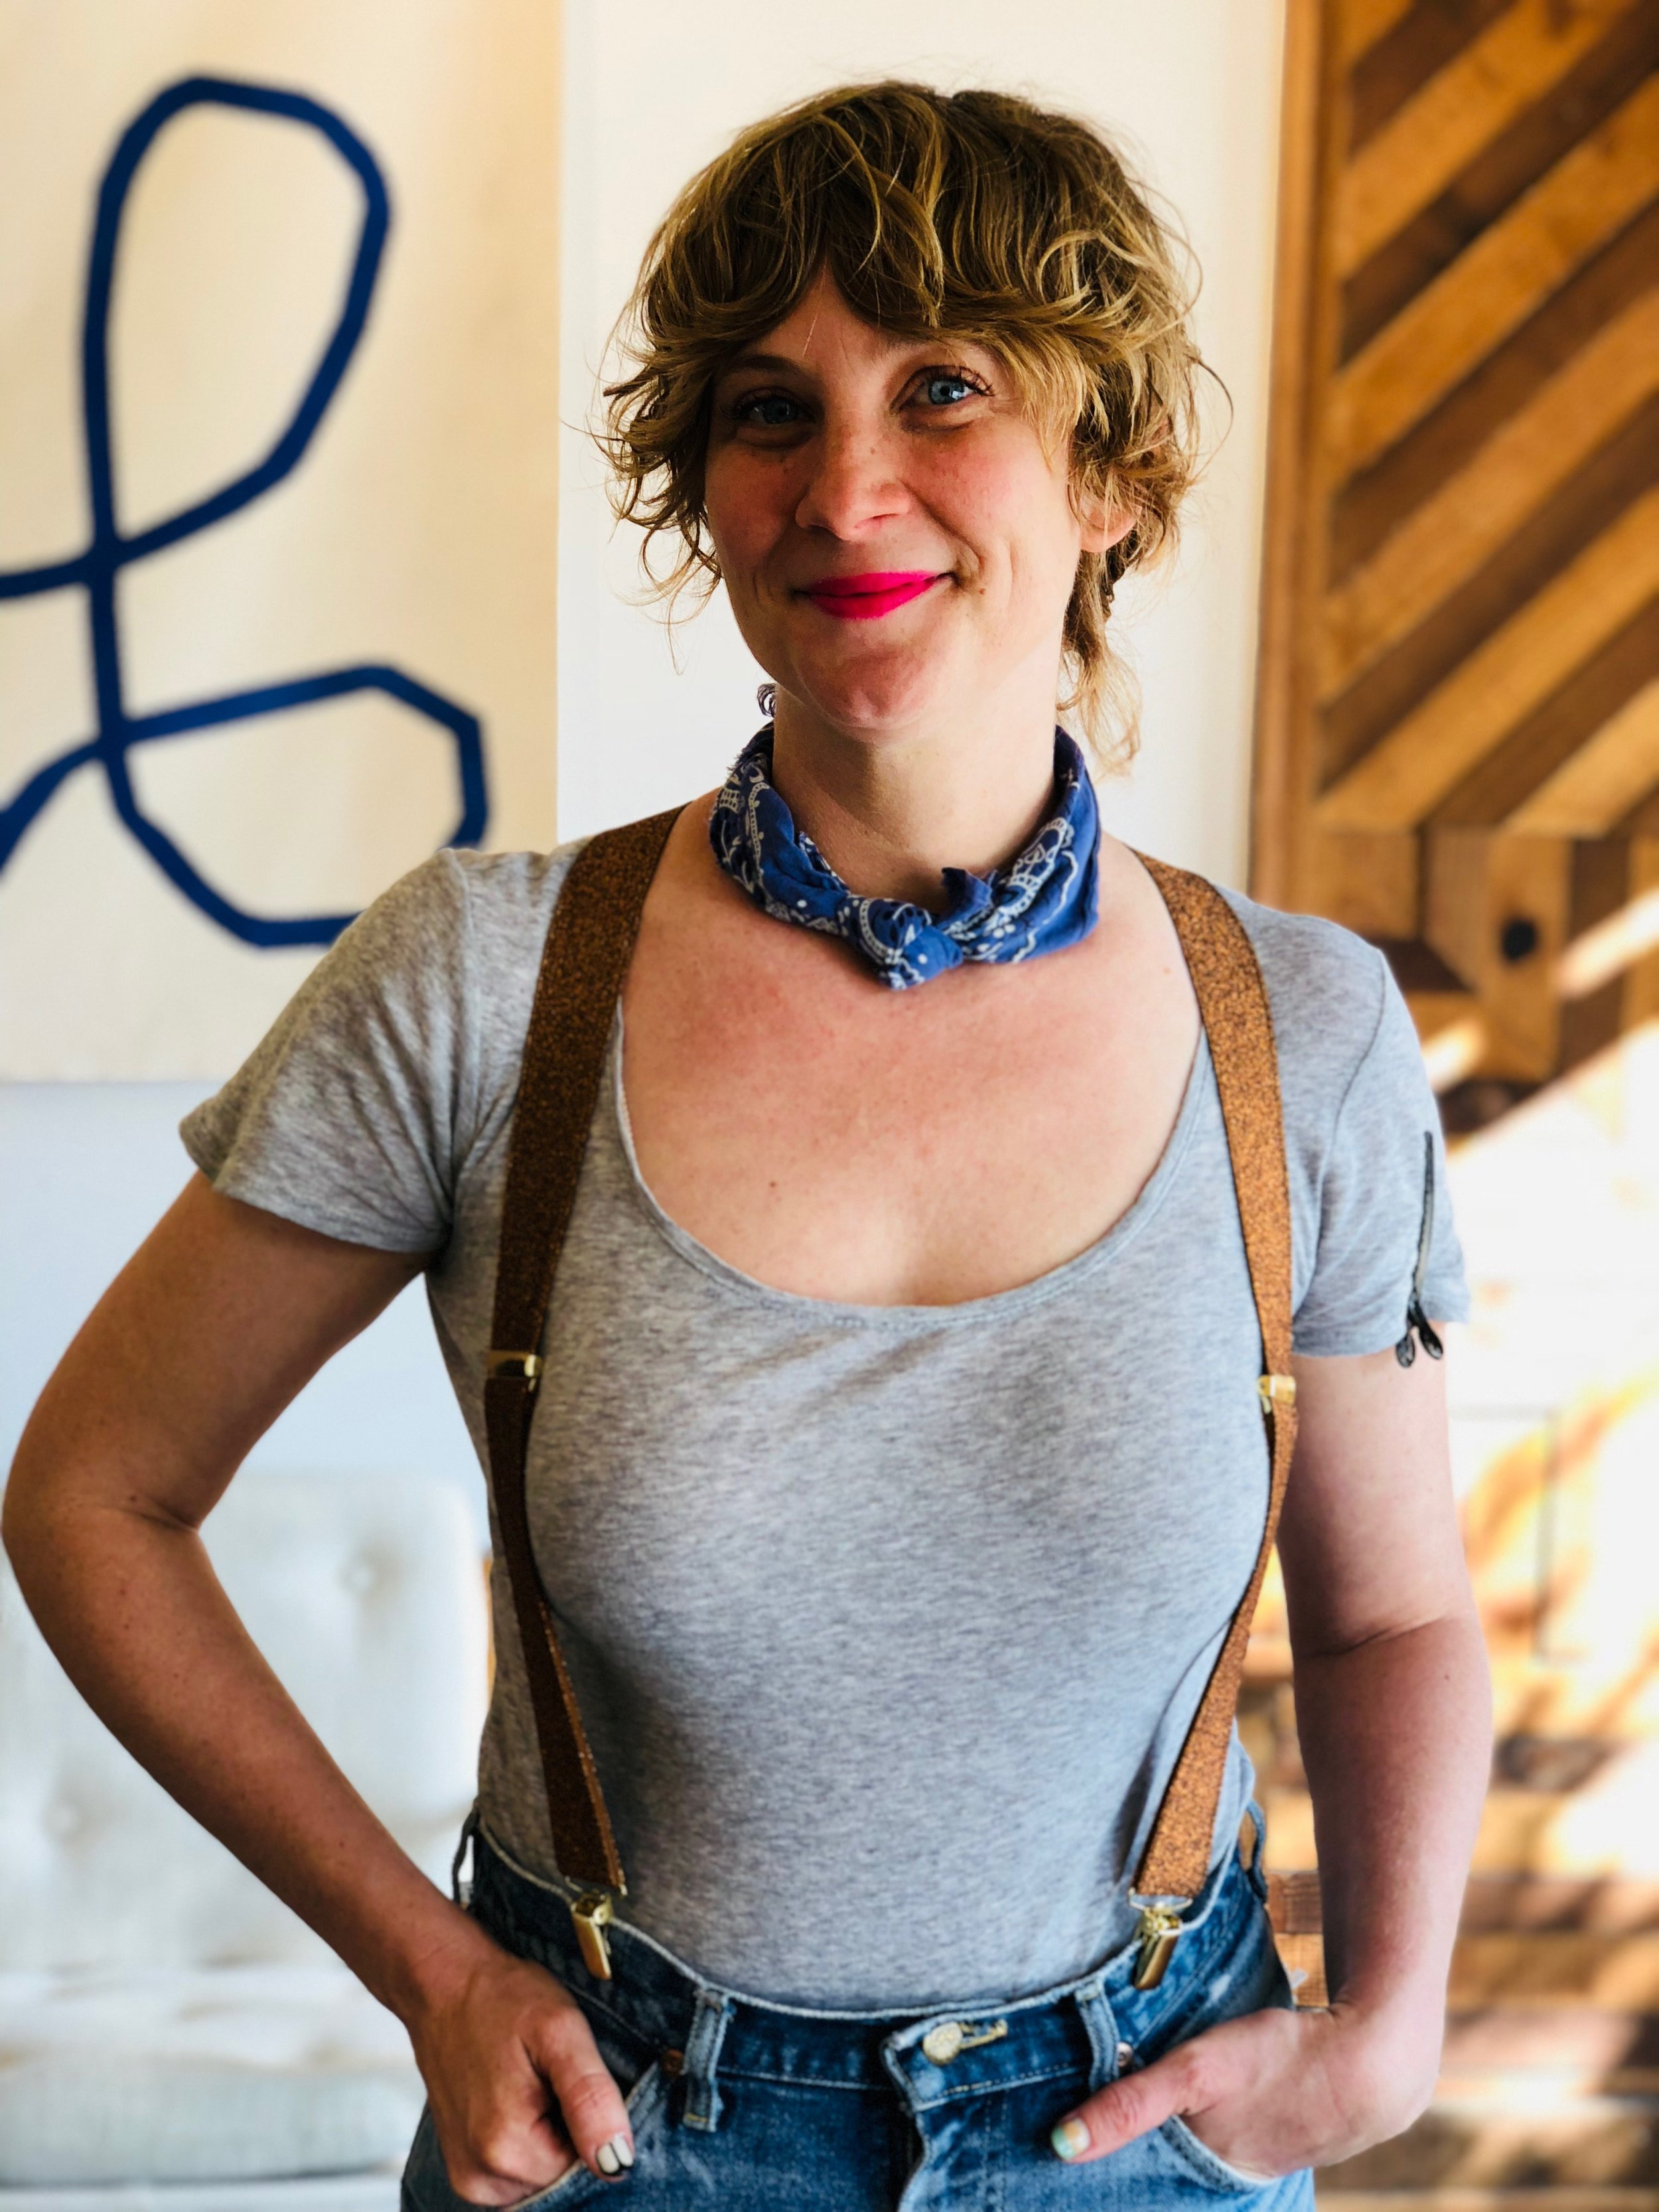 photo of Courtney Rice by Jenna Spence